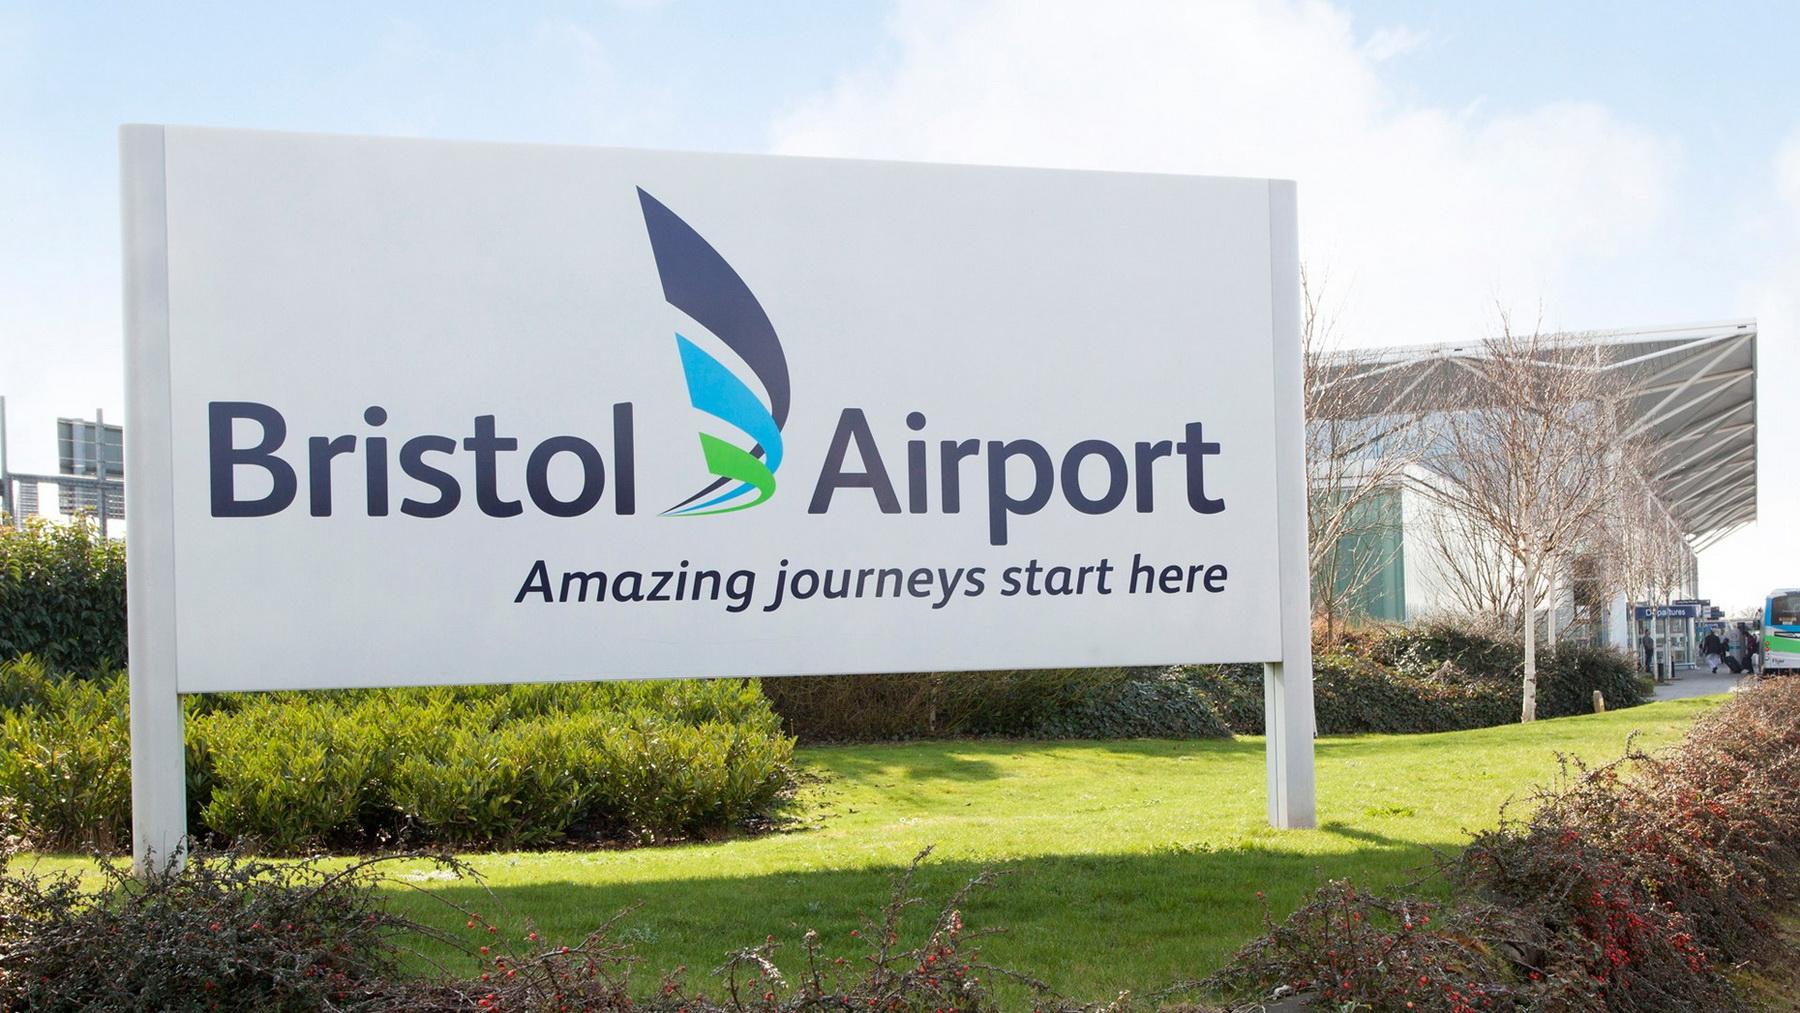 Атака шифровальщика отключила информационные табло в международном аэропорту Бристоля